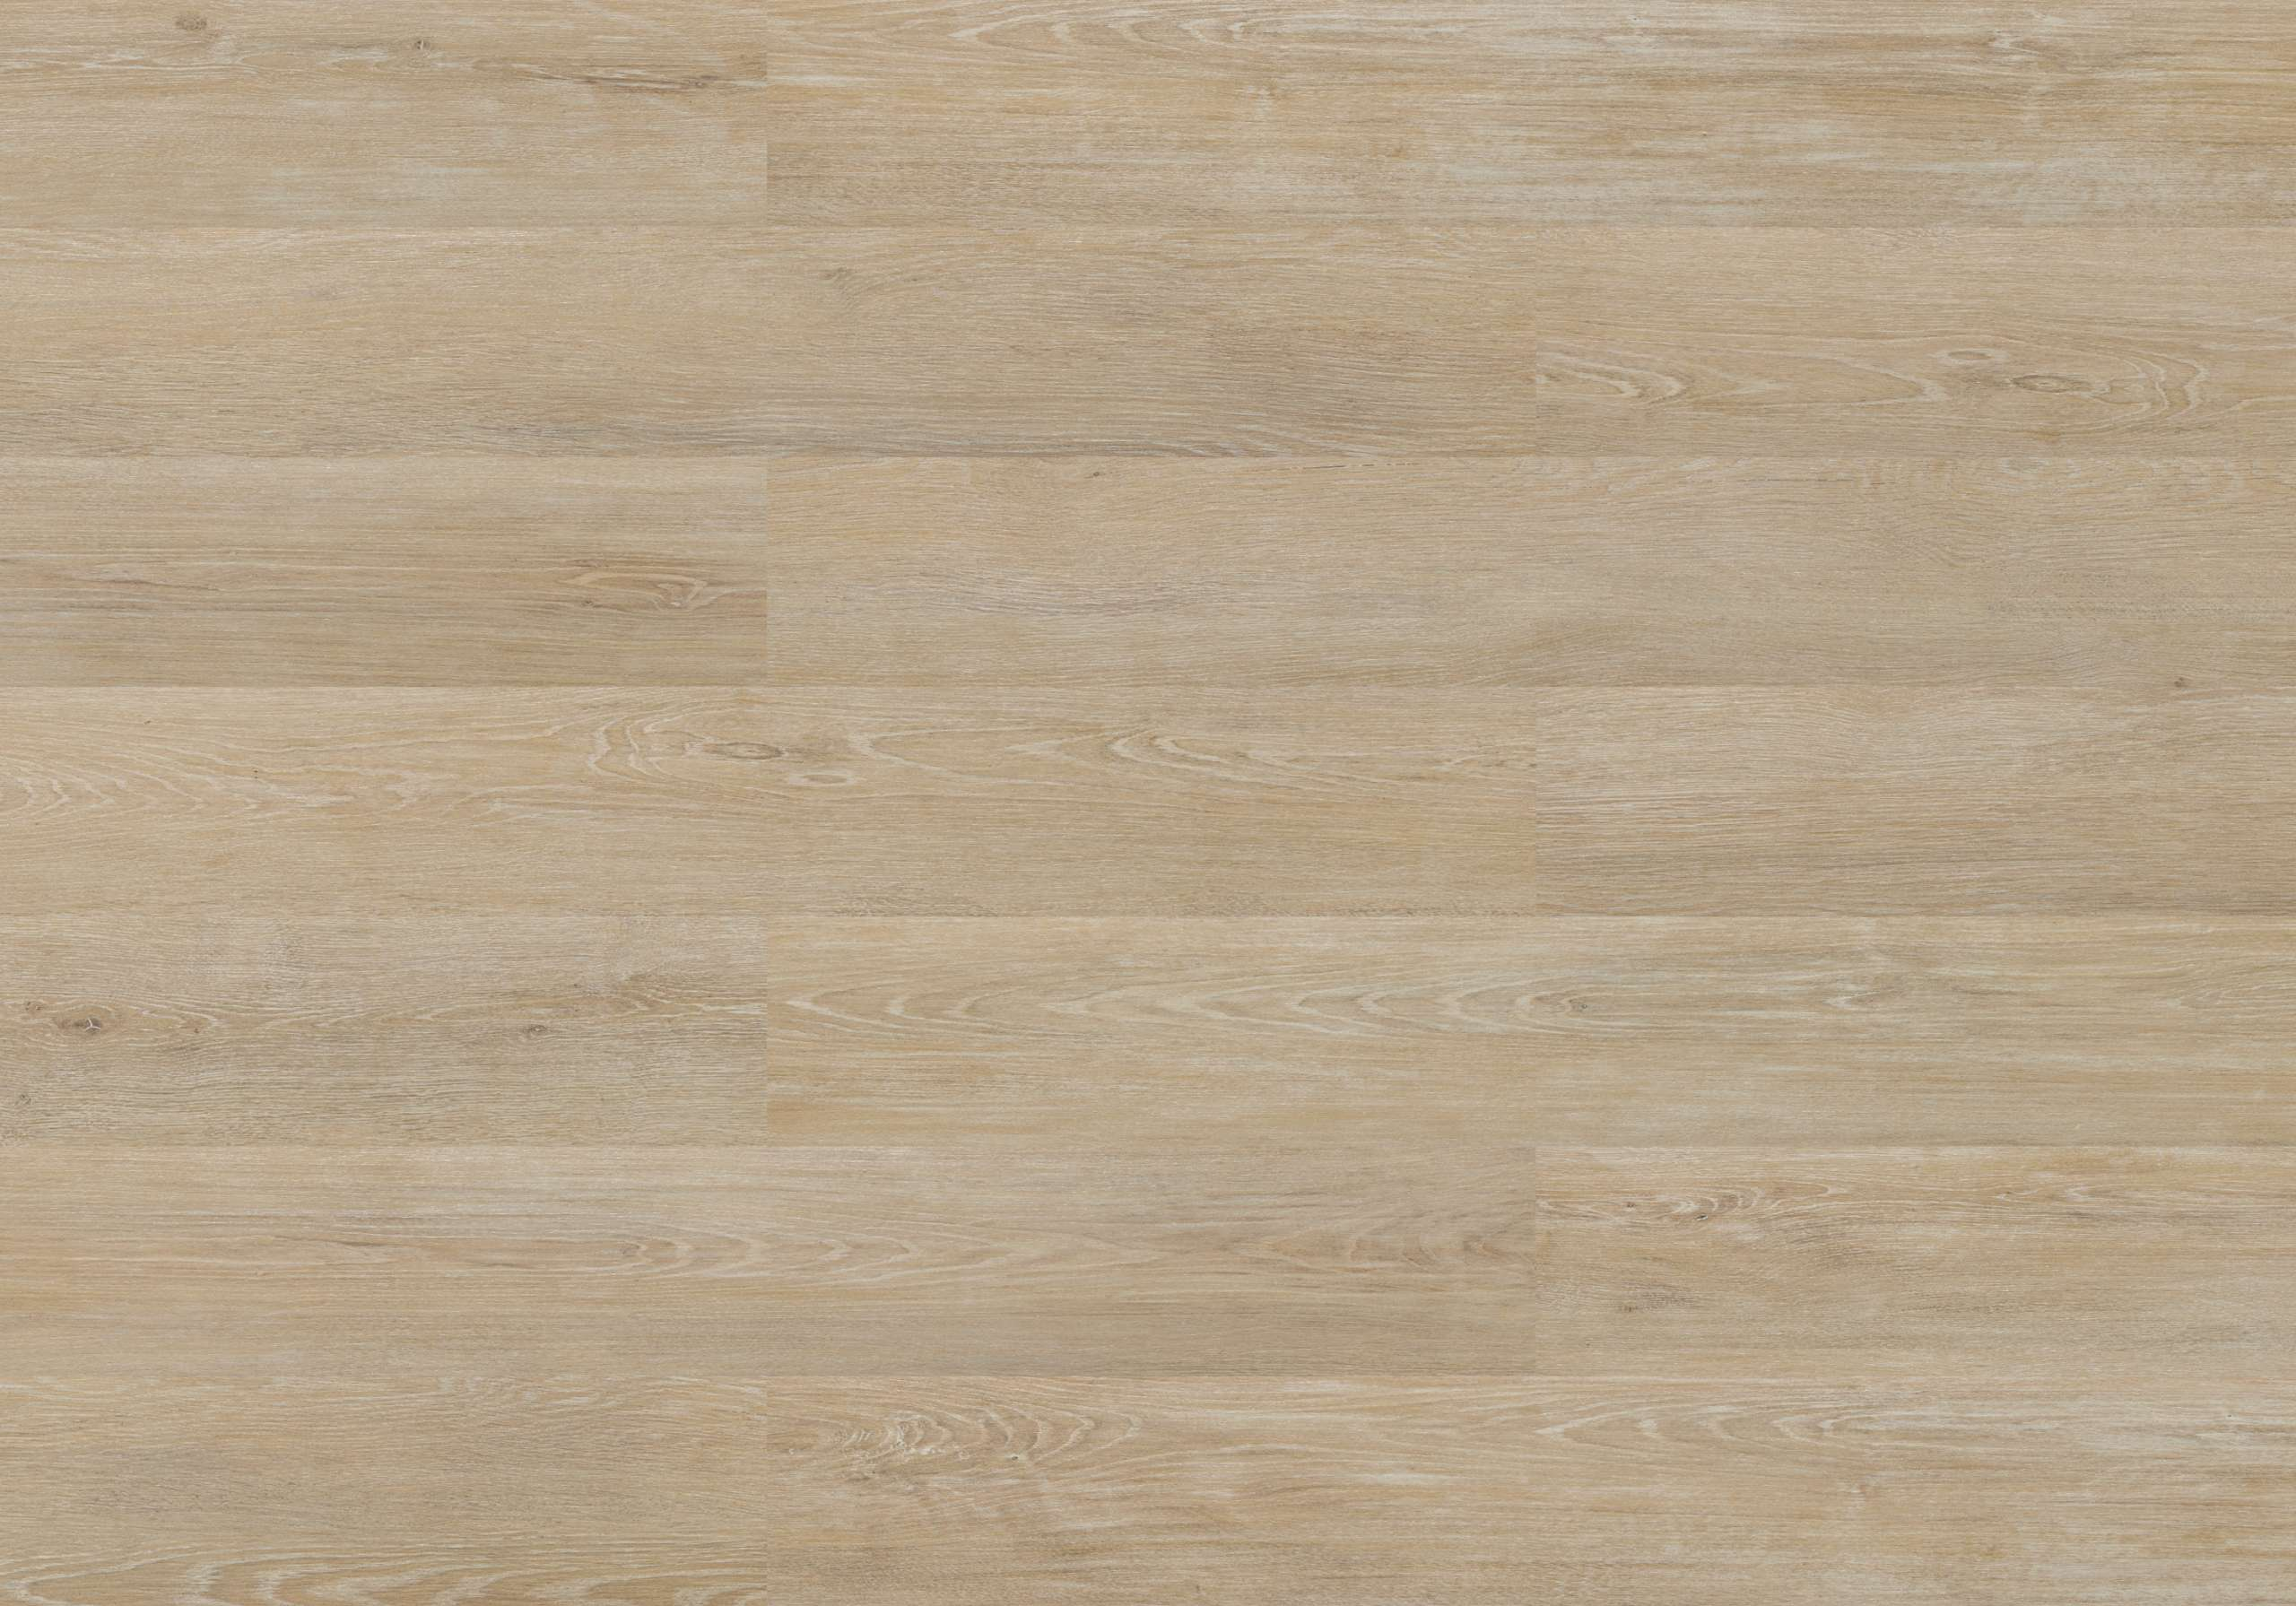 Eiche Gekalkt Ivory Wicanders Artcomfort Wood Kork Boden Xl Diele